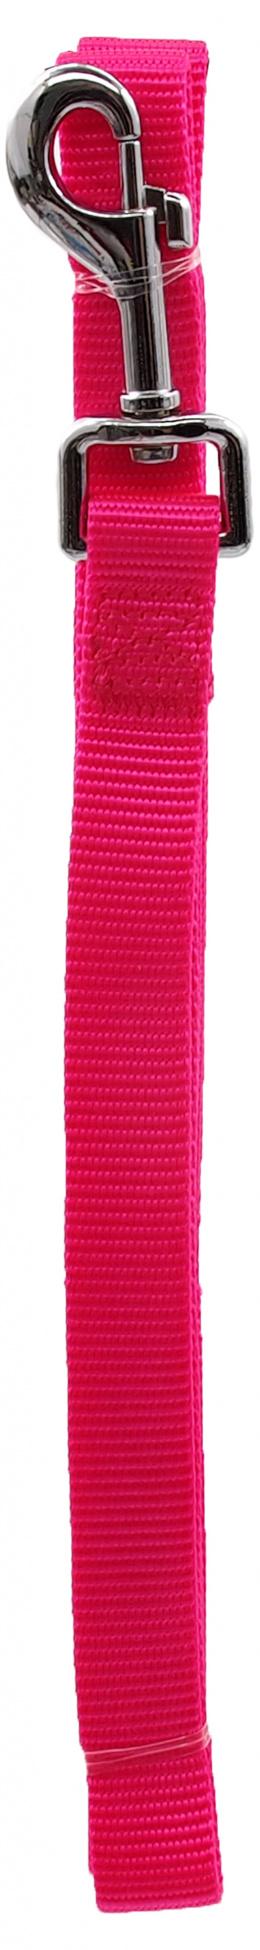 Поводок – Dog Fantasy Classic Neilona M, 20 мм, 120 см, цвет - розовый